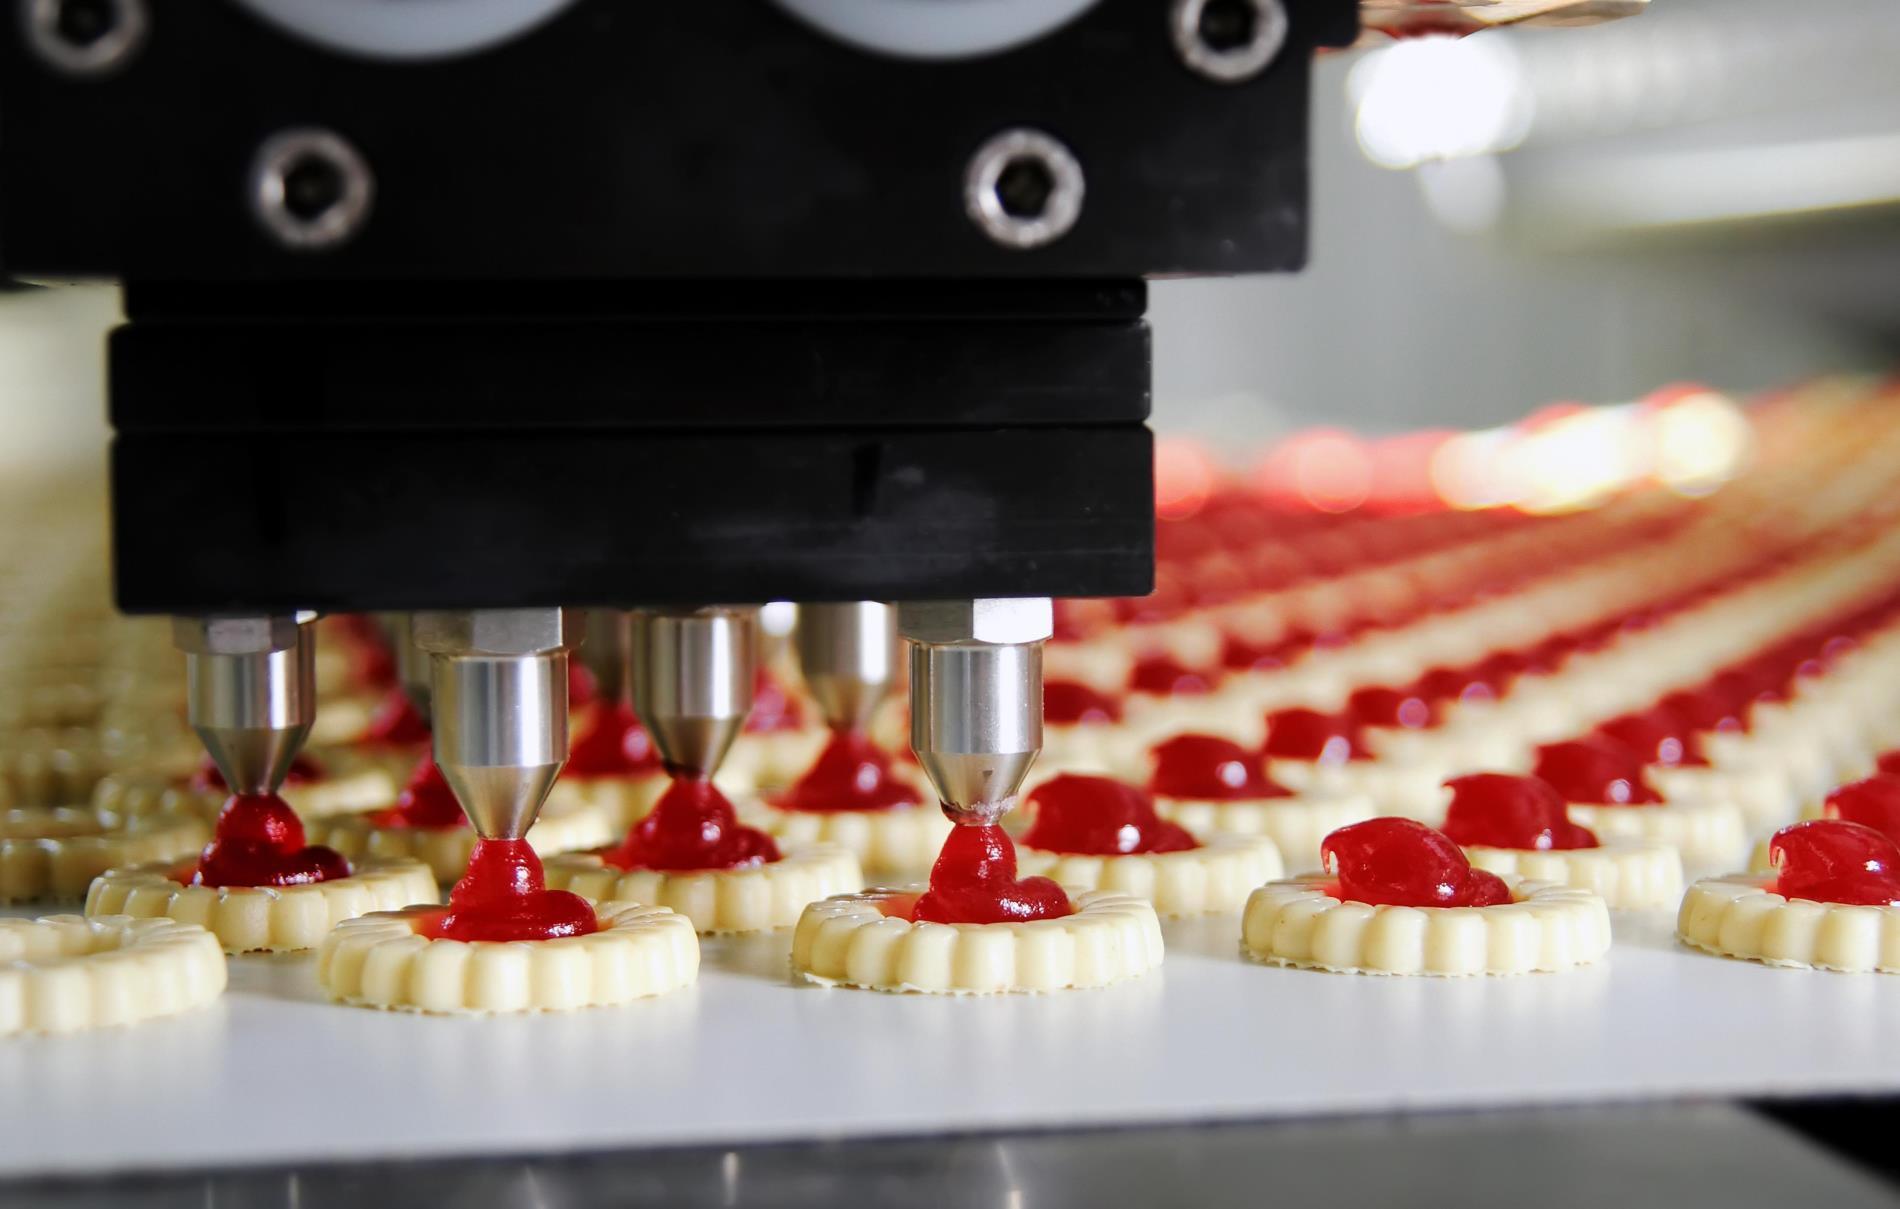 Aeres MBO Food koekjesfabriek